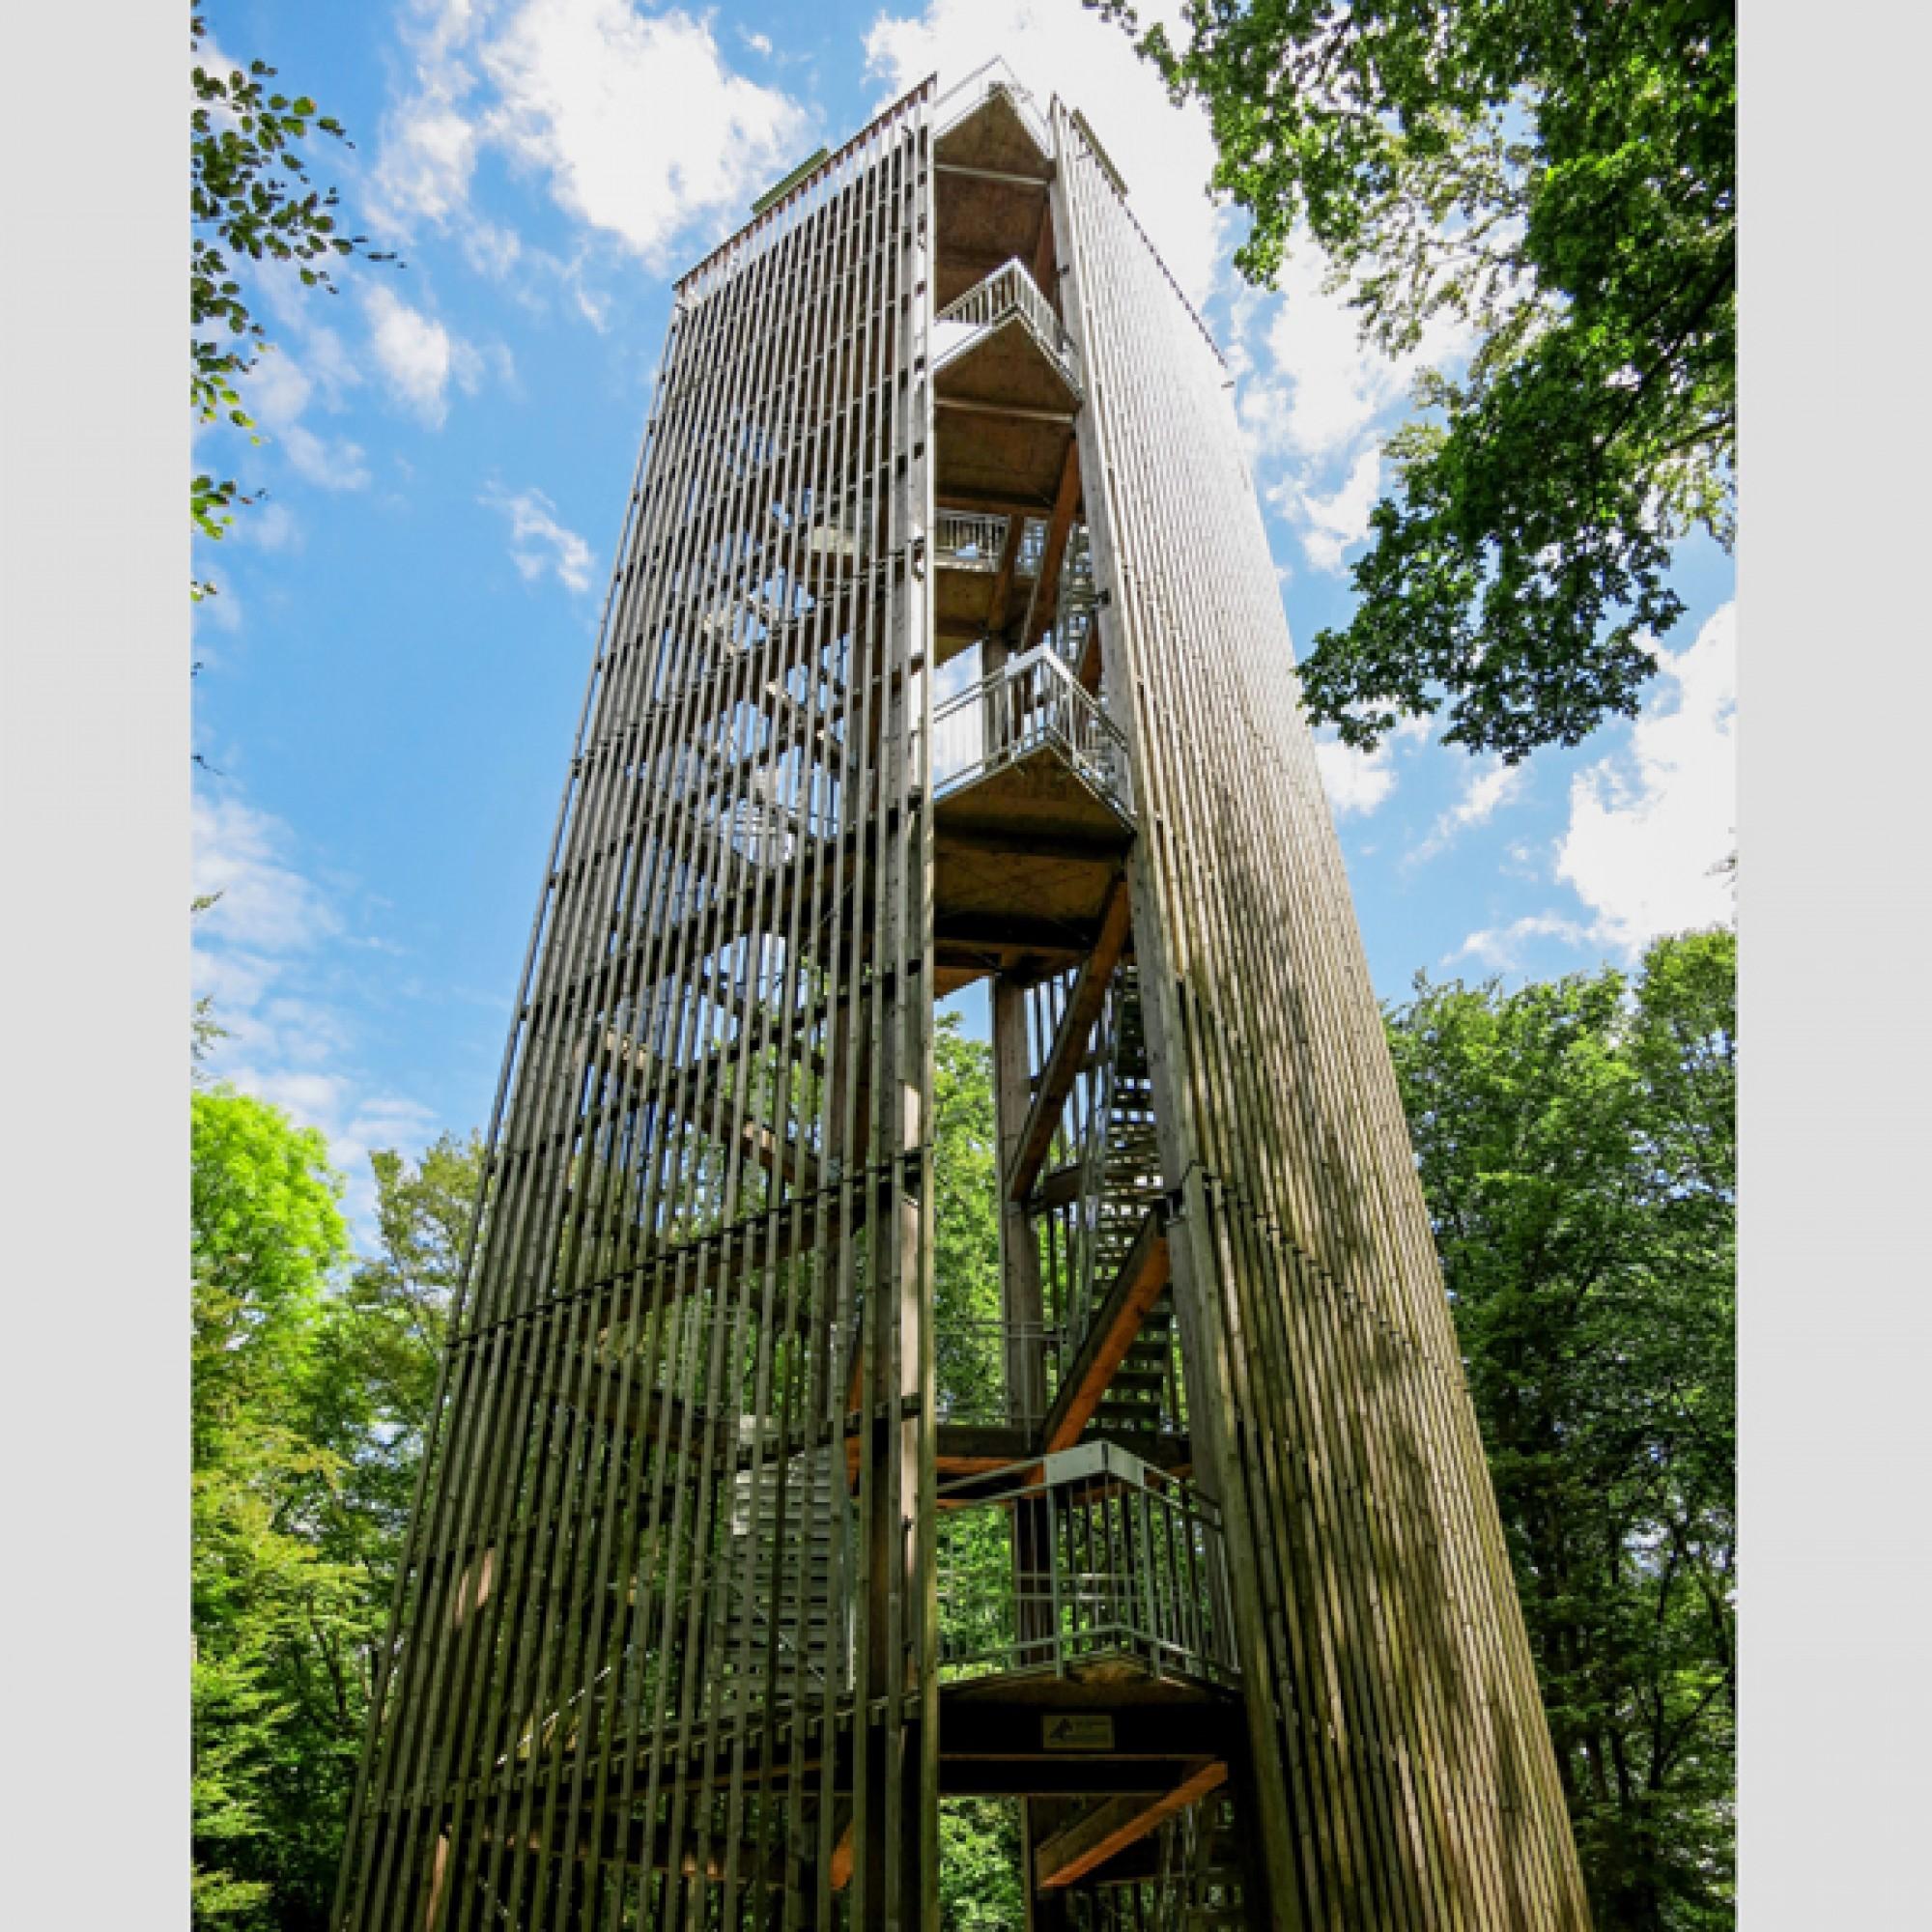 109 feuerverzinkte Treppenstufen führen zur Aussichtsplattform. (Tschubby CC BY-SA 3.0, comons.wikimedia.org)